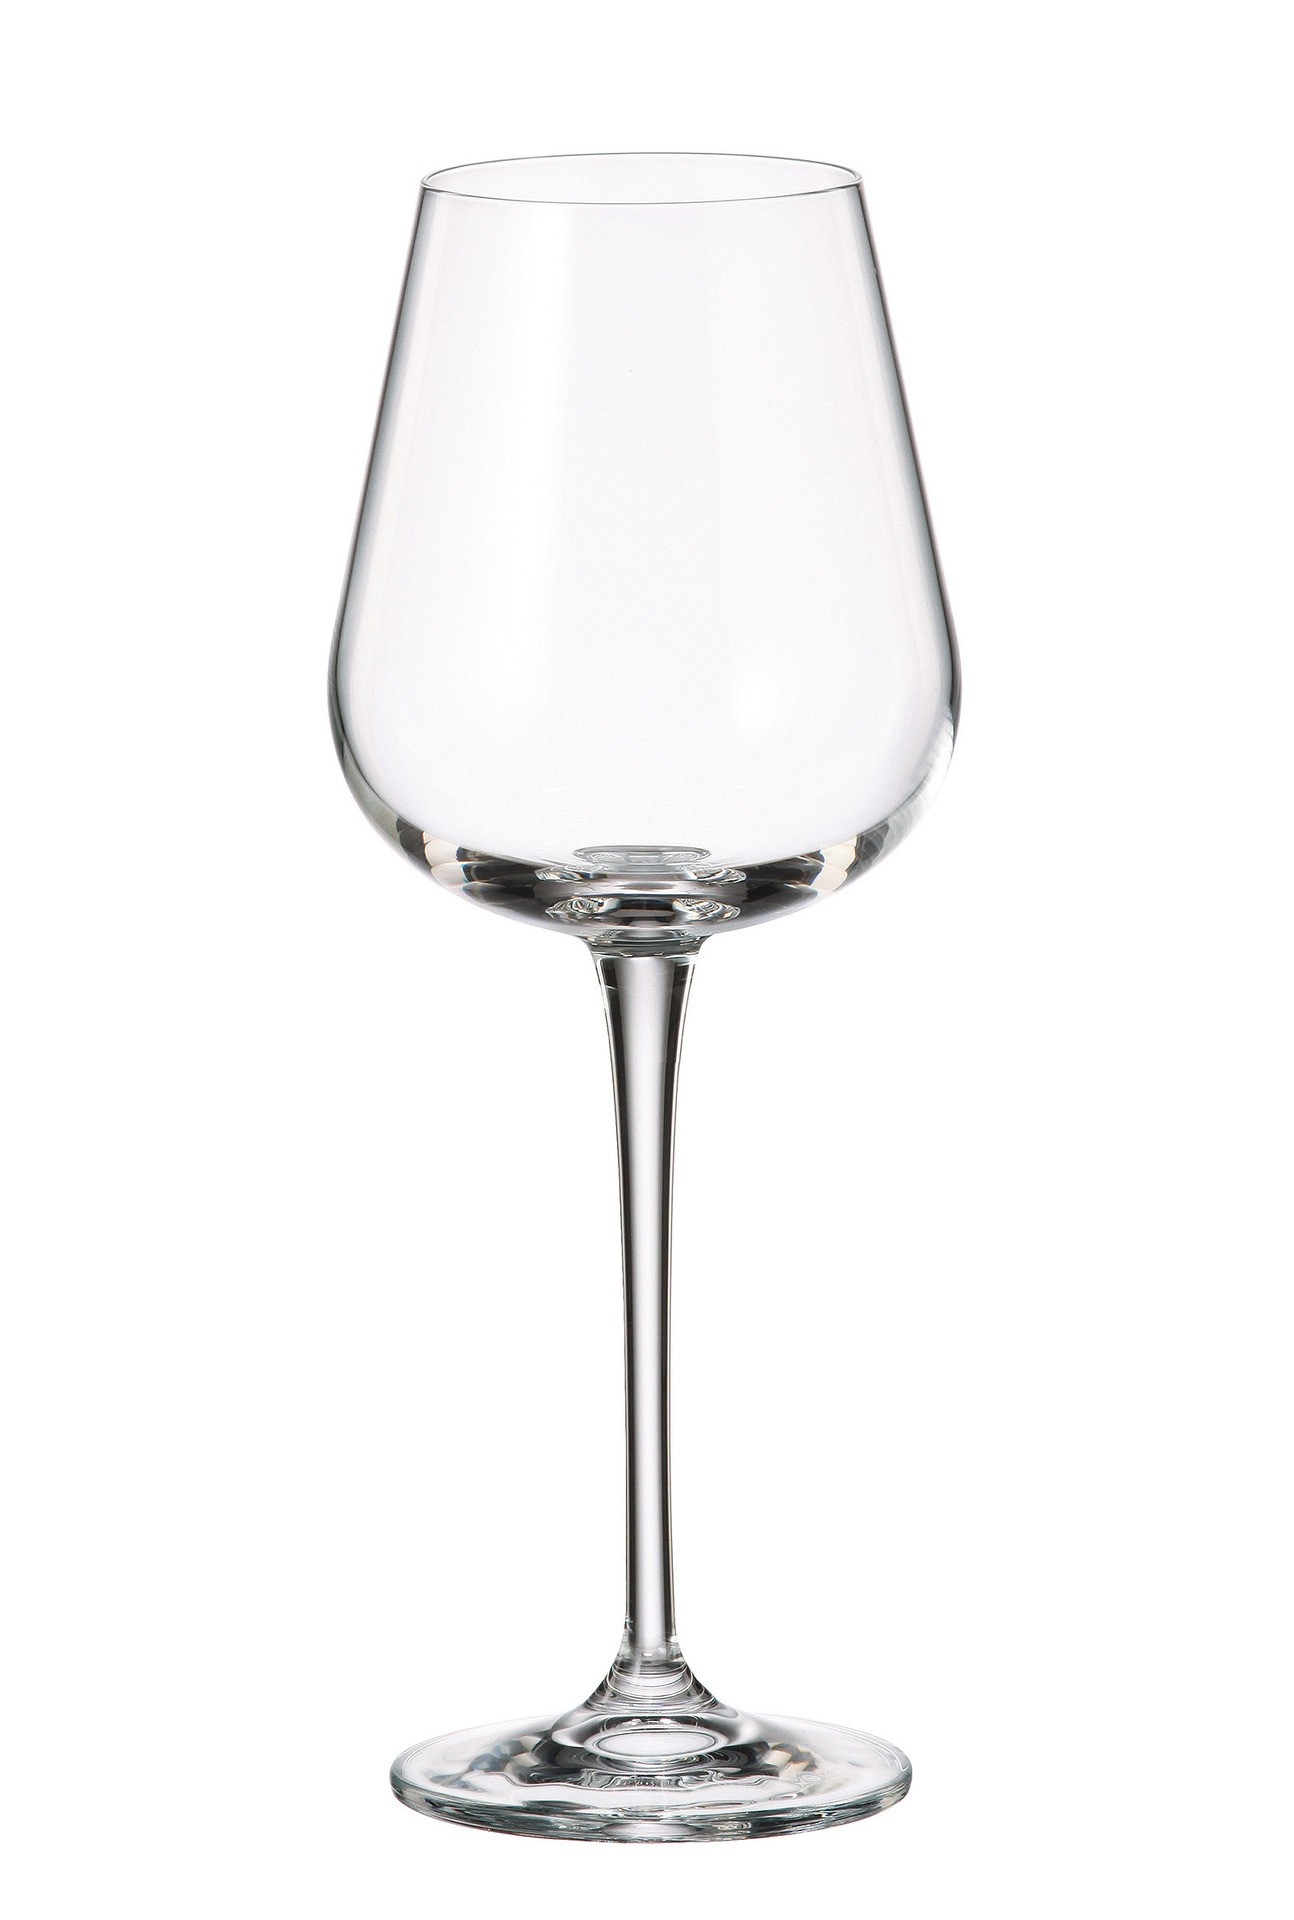 Ποτήρι Για Λευκό Κρασί Ardea Σετ 6Τμχ Κρυστάλλινο 330ml Bohemia home   ειδη σερβιρισματος   ποτήρια